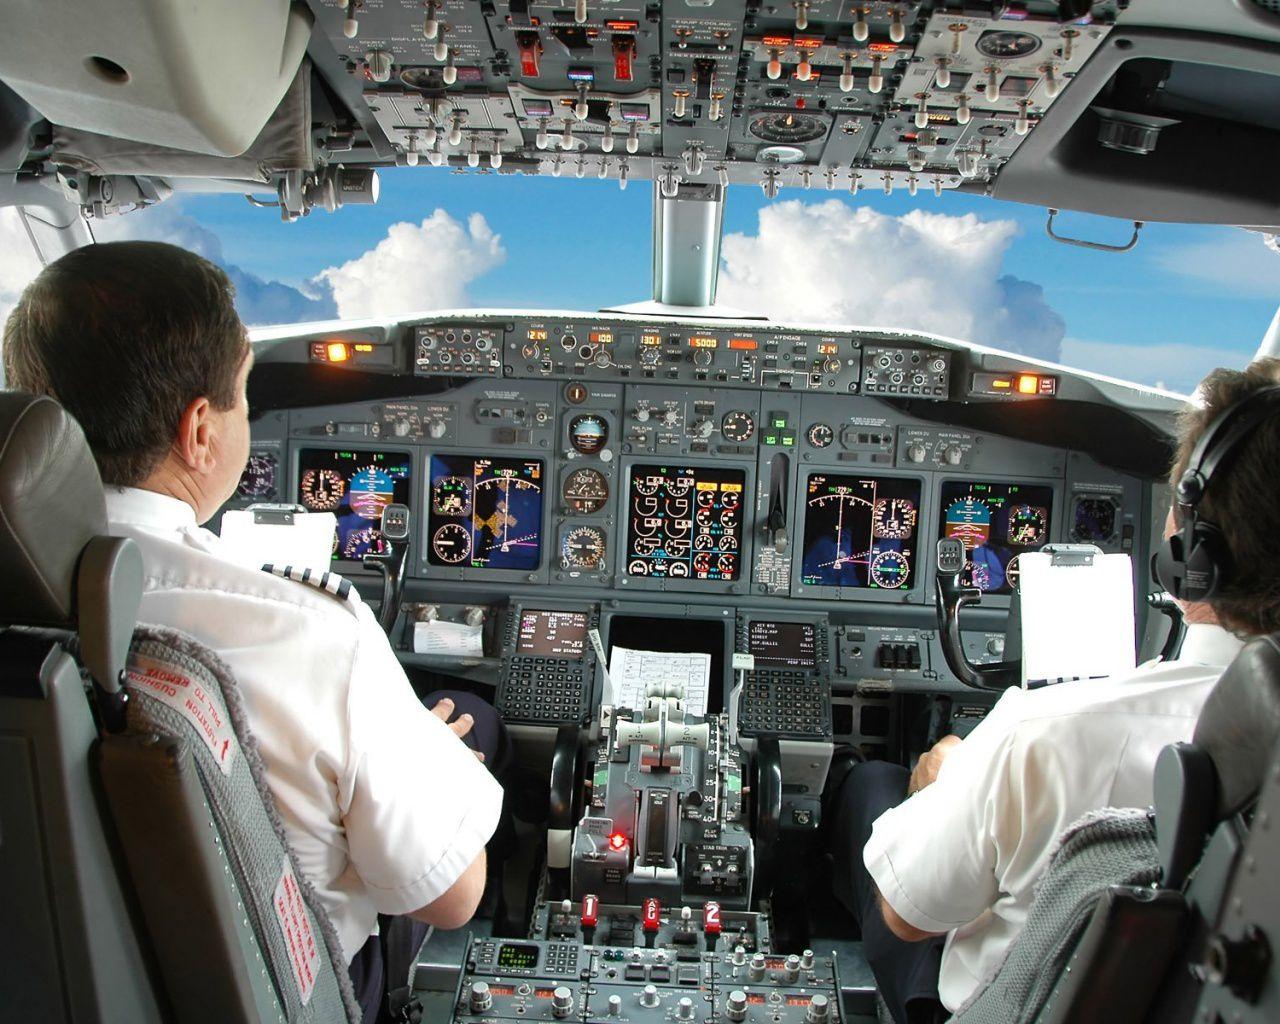 altituderando.com, images google.